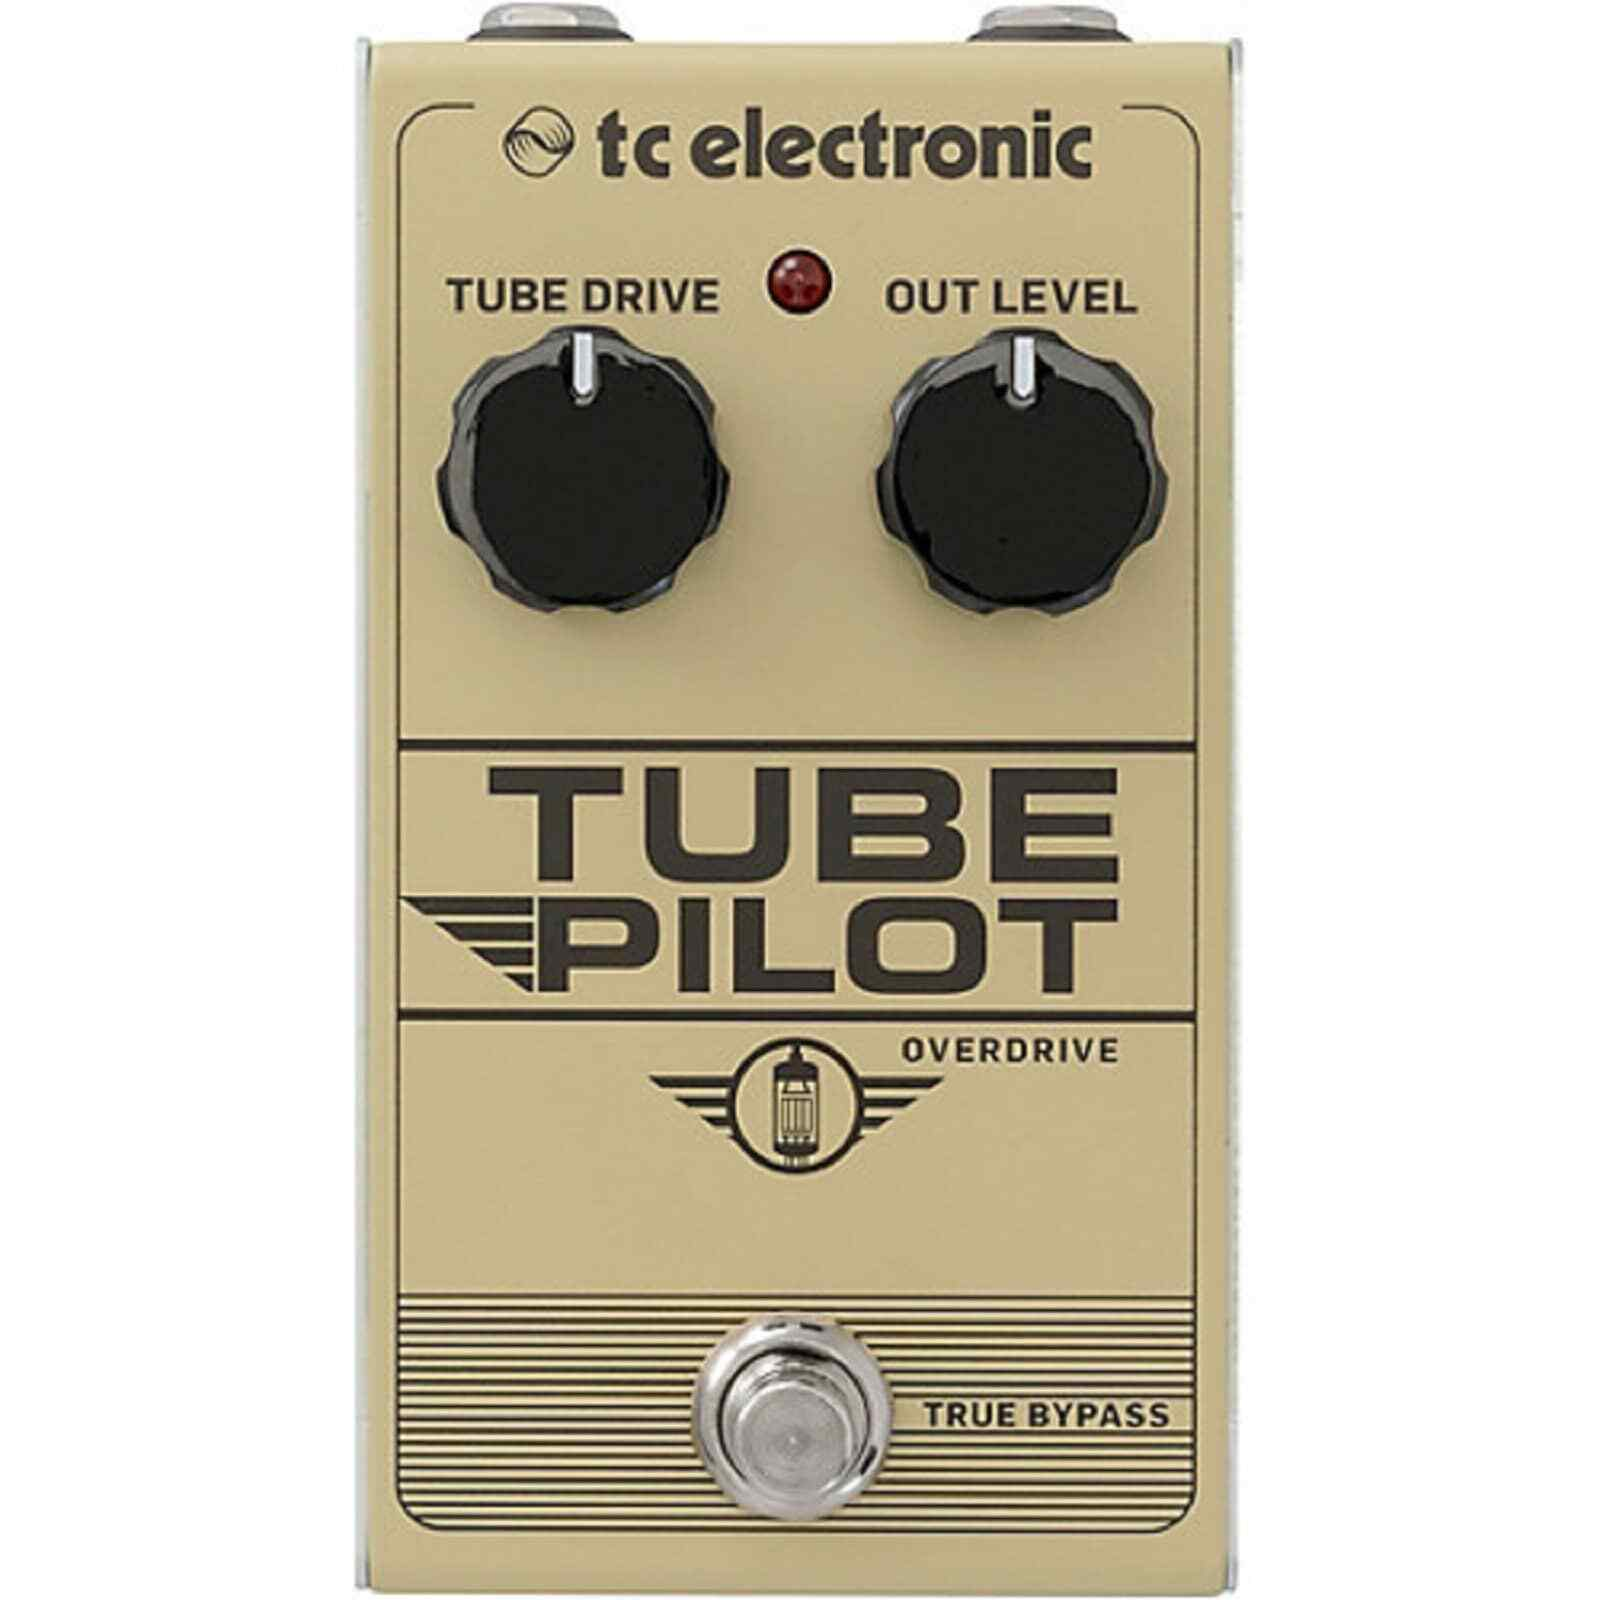 TC Electronic Tube Pilot Overdrive Guitar Pedal